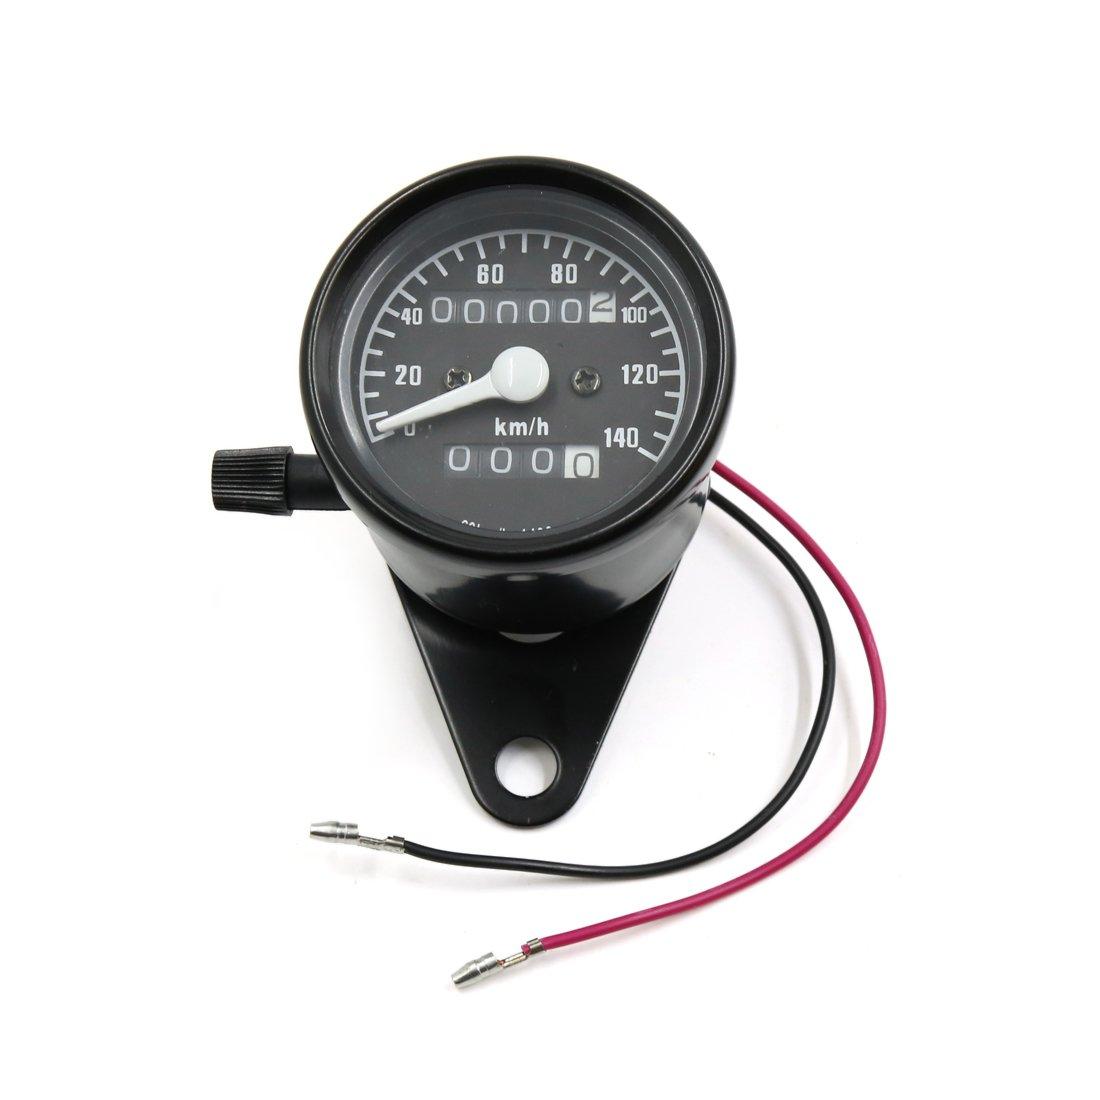 uxcell Universal Black Metal Dual Gauge Motorcycle Odometer Speedometer Meter km/h